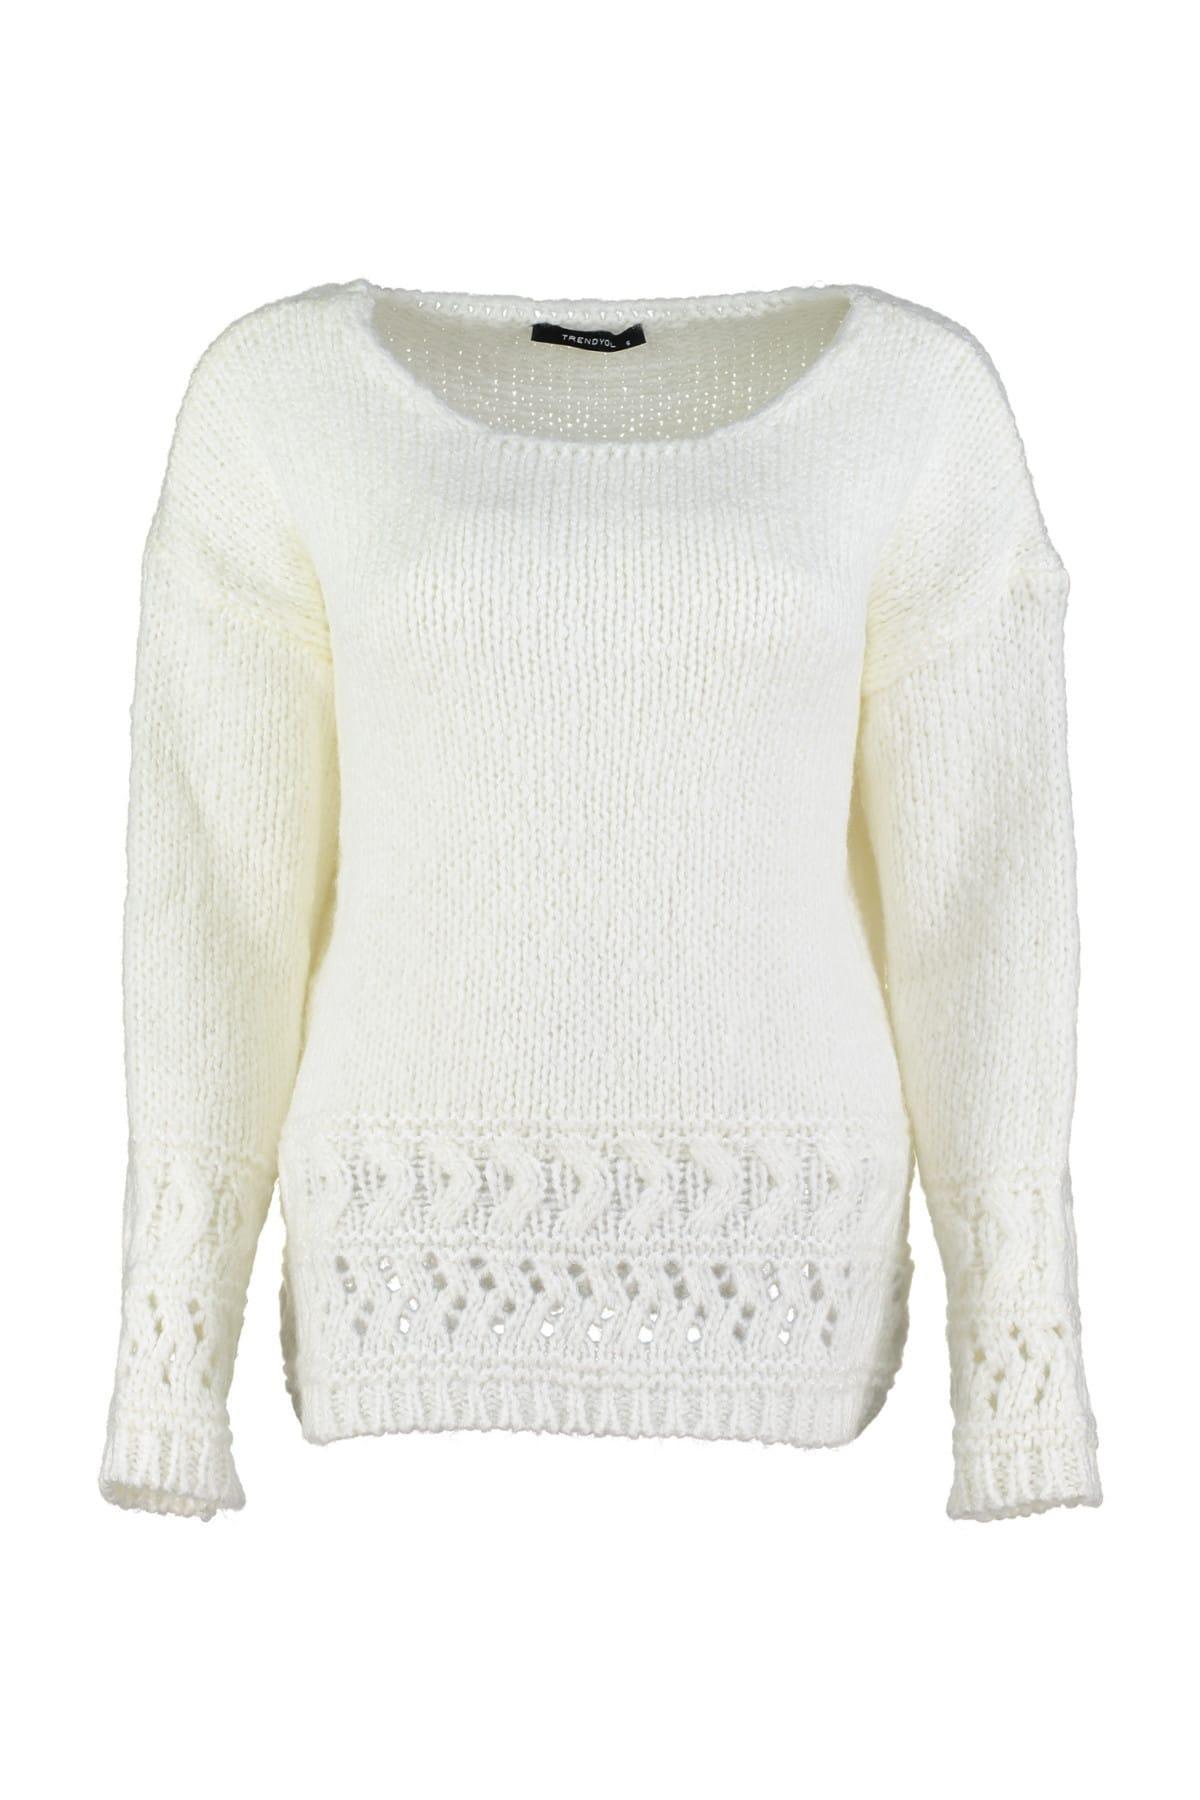 Trendyol Ecru Knitwear Sweater TWOAW20ZA0077